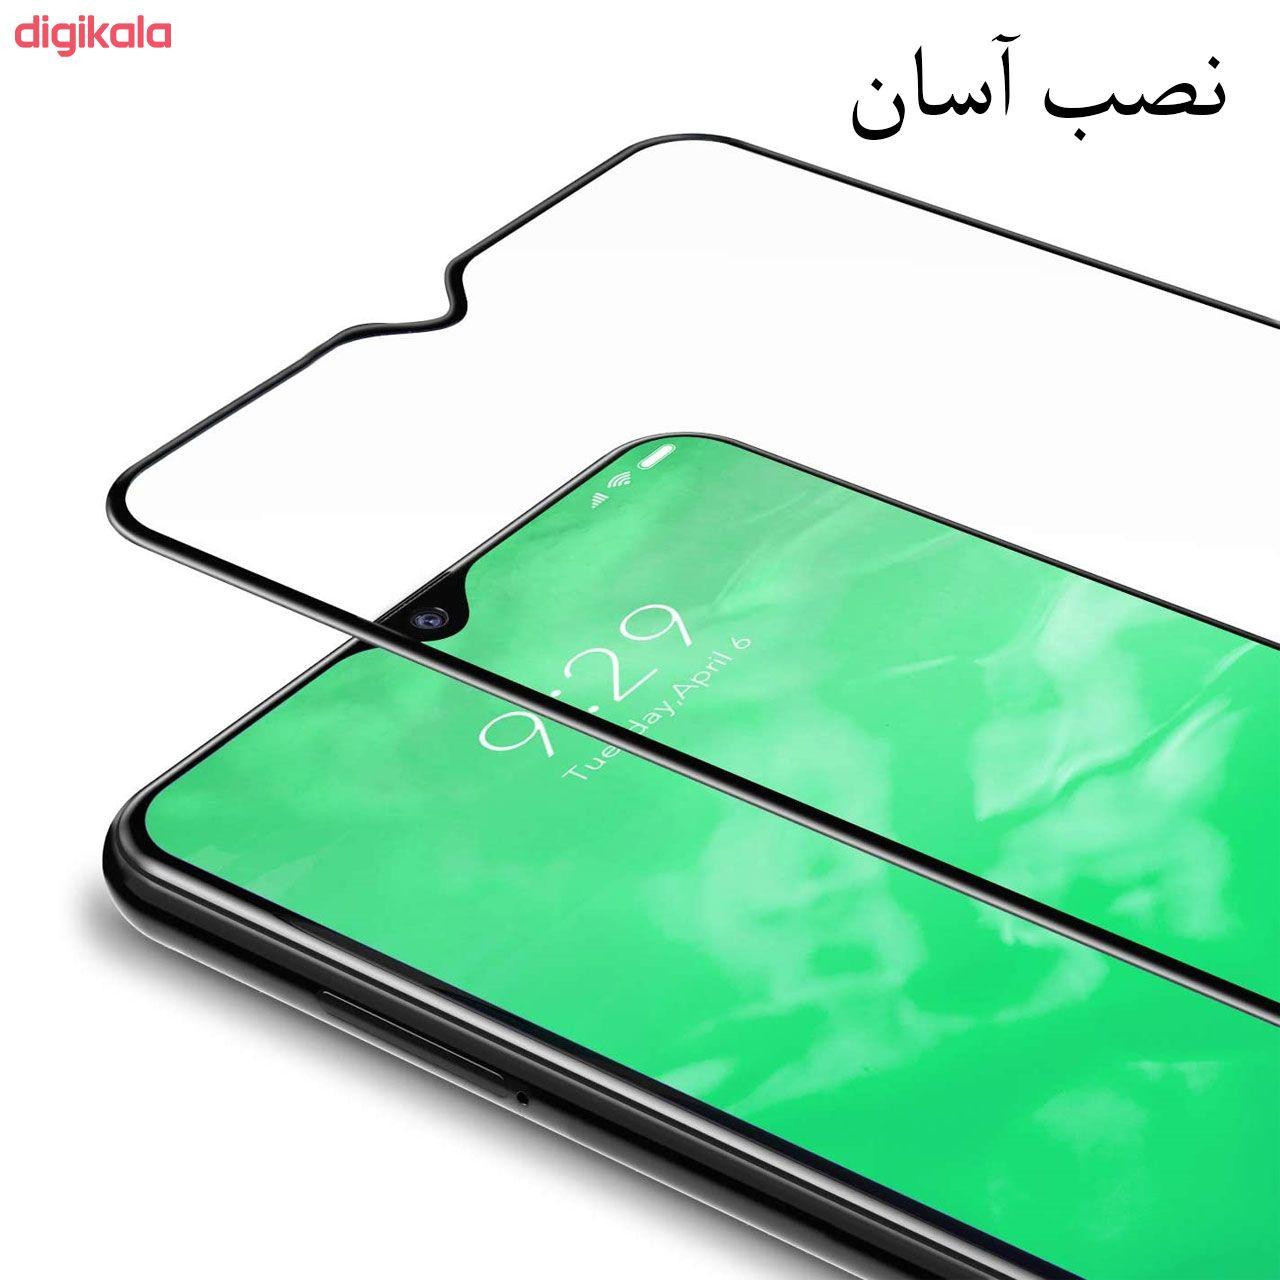 محافظ صفحه نمایش مدل FCG مناسب برای گوشی موبایل شیائومی Mi 10 Lite 5G بسته دو عددی main 1 3